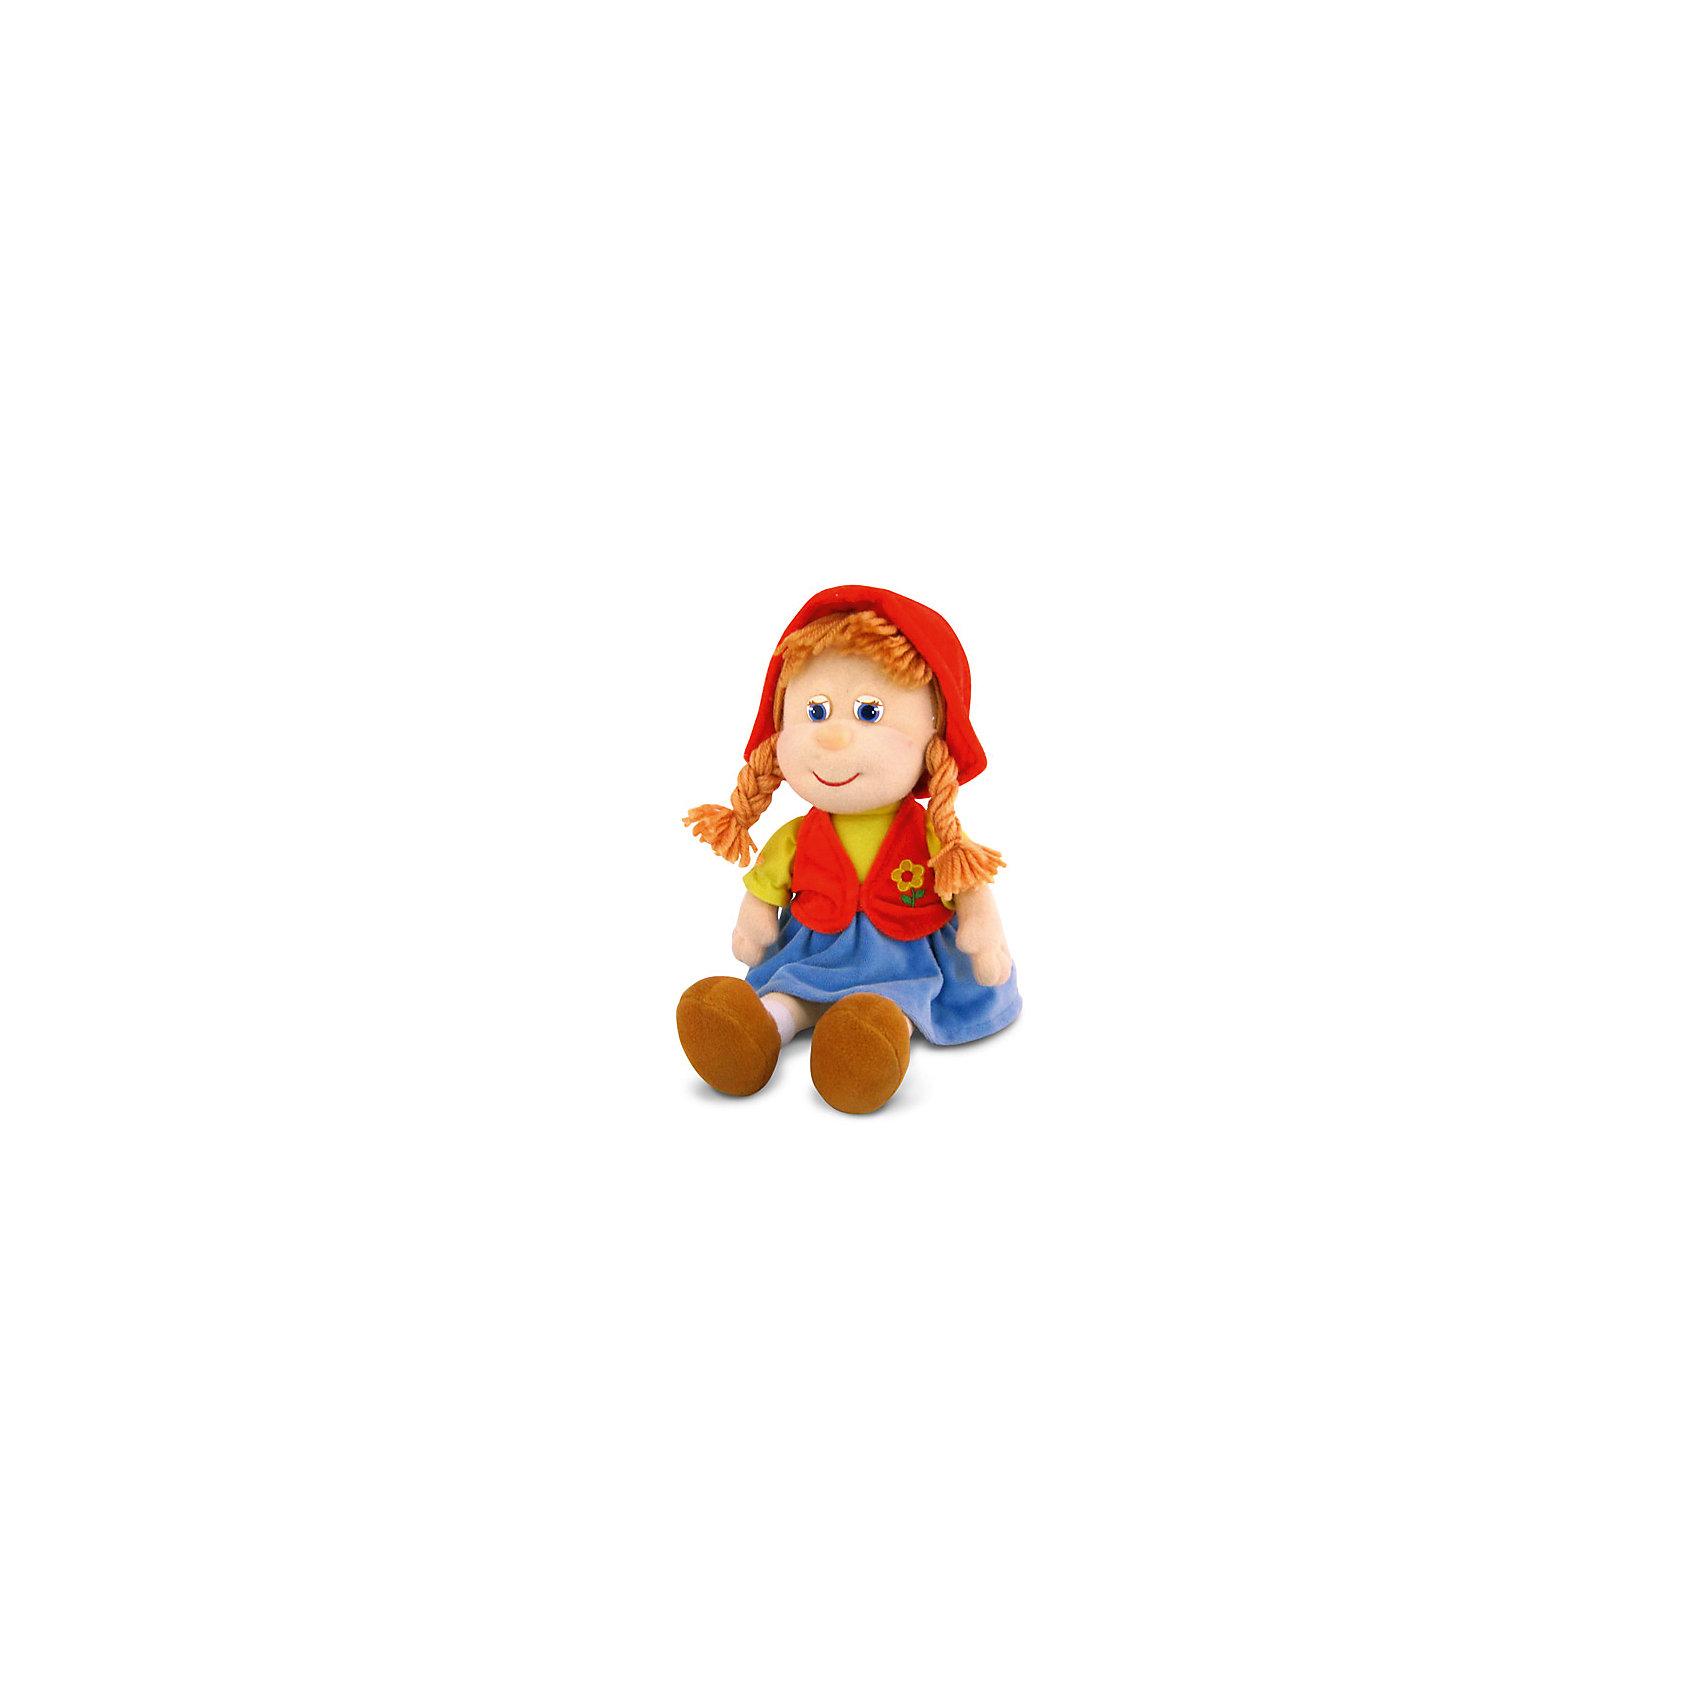 Красная шапочка, музыкальная, LAVAЛюбимые герои<br>Любимая героиня известной сказки теперь в виде замечательной мягкой игрушки! Красная шапочка споет девочке песенку и обязательно позабавит малышку. Волосы куклы изготовлены из ниток, они не запутаются, не требуют постоянного расчесывания, поэтому их удобно заплетать даже самым маленьким девочкам. Игрушка выполнена из высококачественного гипоаллергенного материала, очень приятна на ощупь, абсолютно безопасна для детей.  <br><br>Дополнительная информация:<br><br>- Материал: текстиль, синтепон, пластик.<br>- Высота: 25 см. <br>- Поет песенку. <br>- Элемент питания: батарейка (в комплекте).<br><br>Красную шапочку, музыкальную, LAVA (ЛАВА) можно купить в нашем магазине.<br><br>Ширина мм: 150<br>Глубина мм: 150<br>Высота мм: 230<br>Вес г: 276<br>Возраст от месяцев: 36<br>Возраст до месяцев: 1188<br>Пол: Женский<br>Возраст: Детский<br>SKU: 4444144